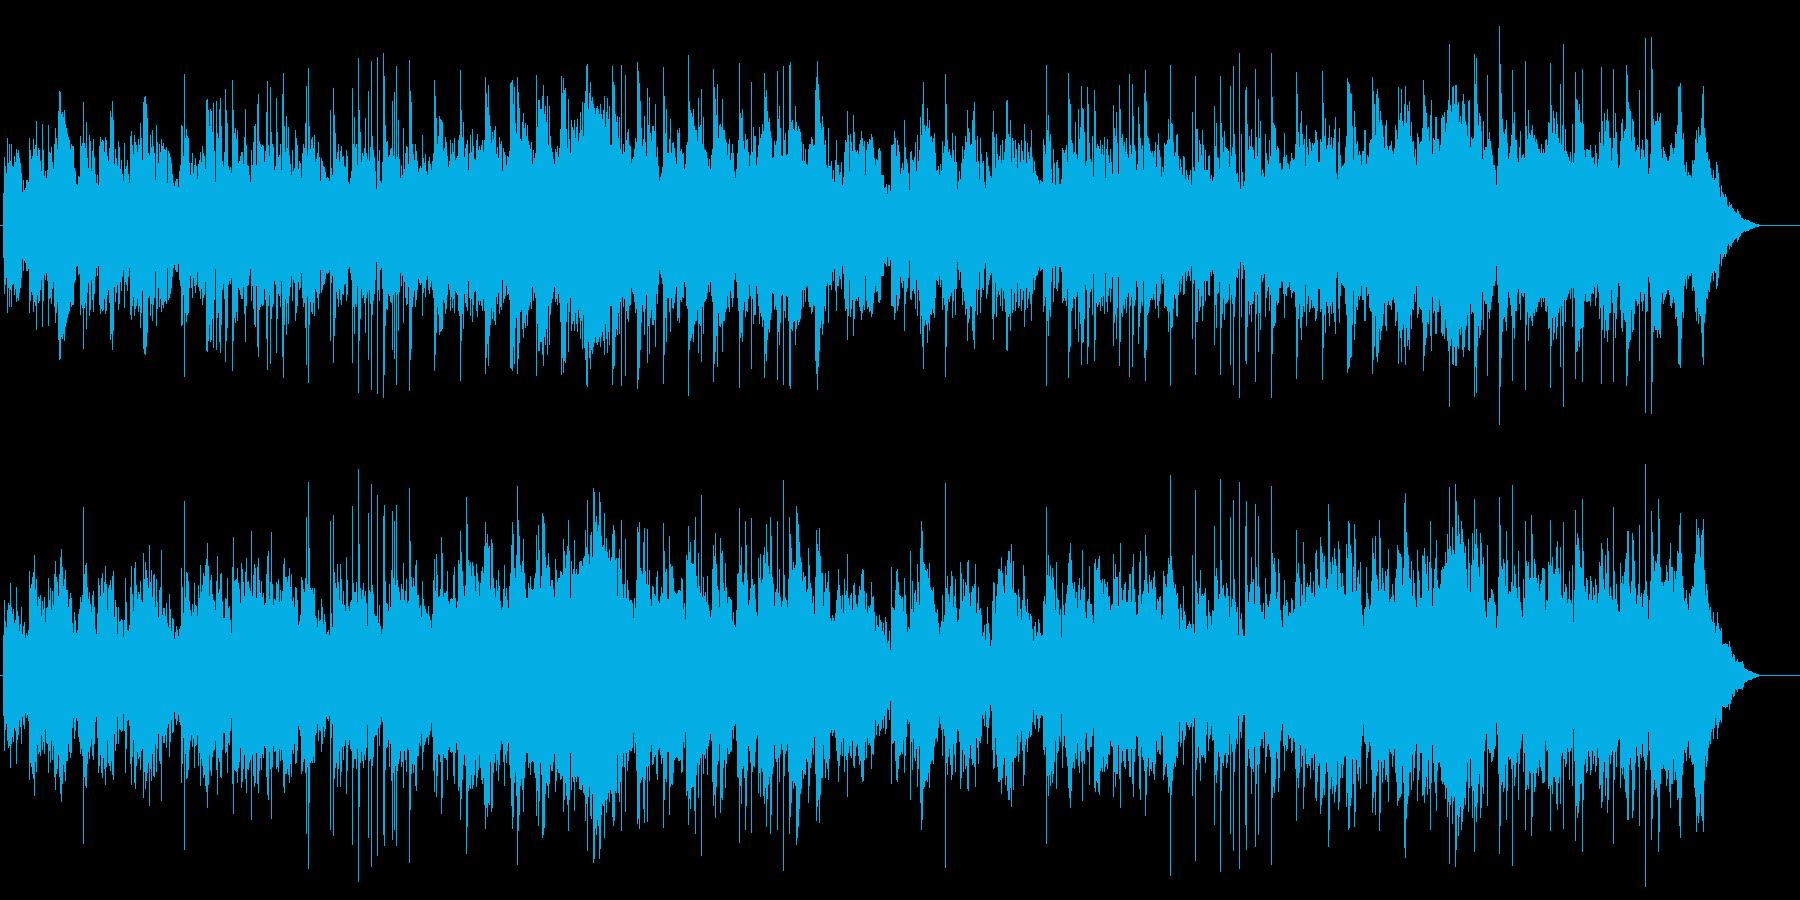 山 感動 切ない のどか 大地 雄大の再生済みの波形